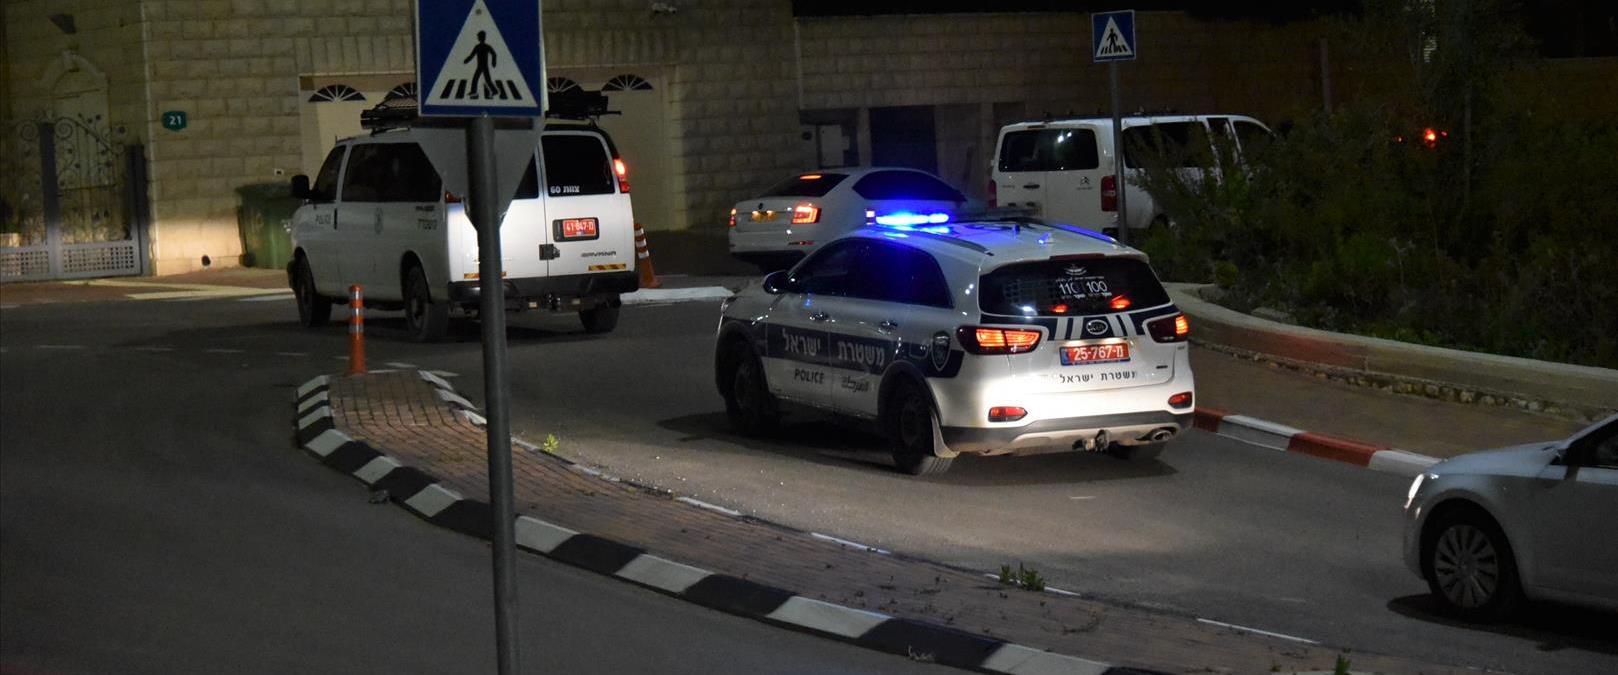 פשיטה של המשטרה על טורעאן